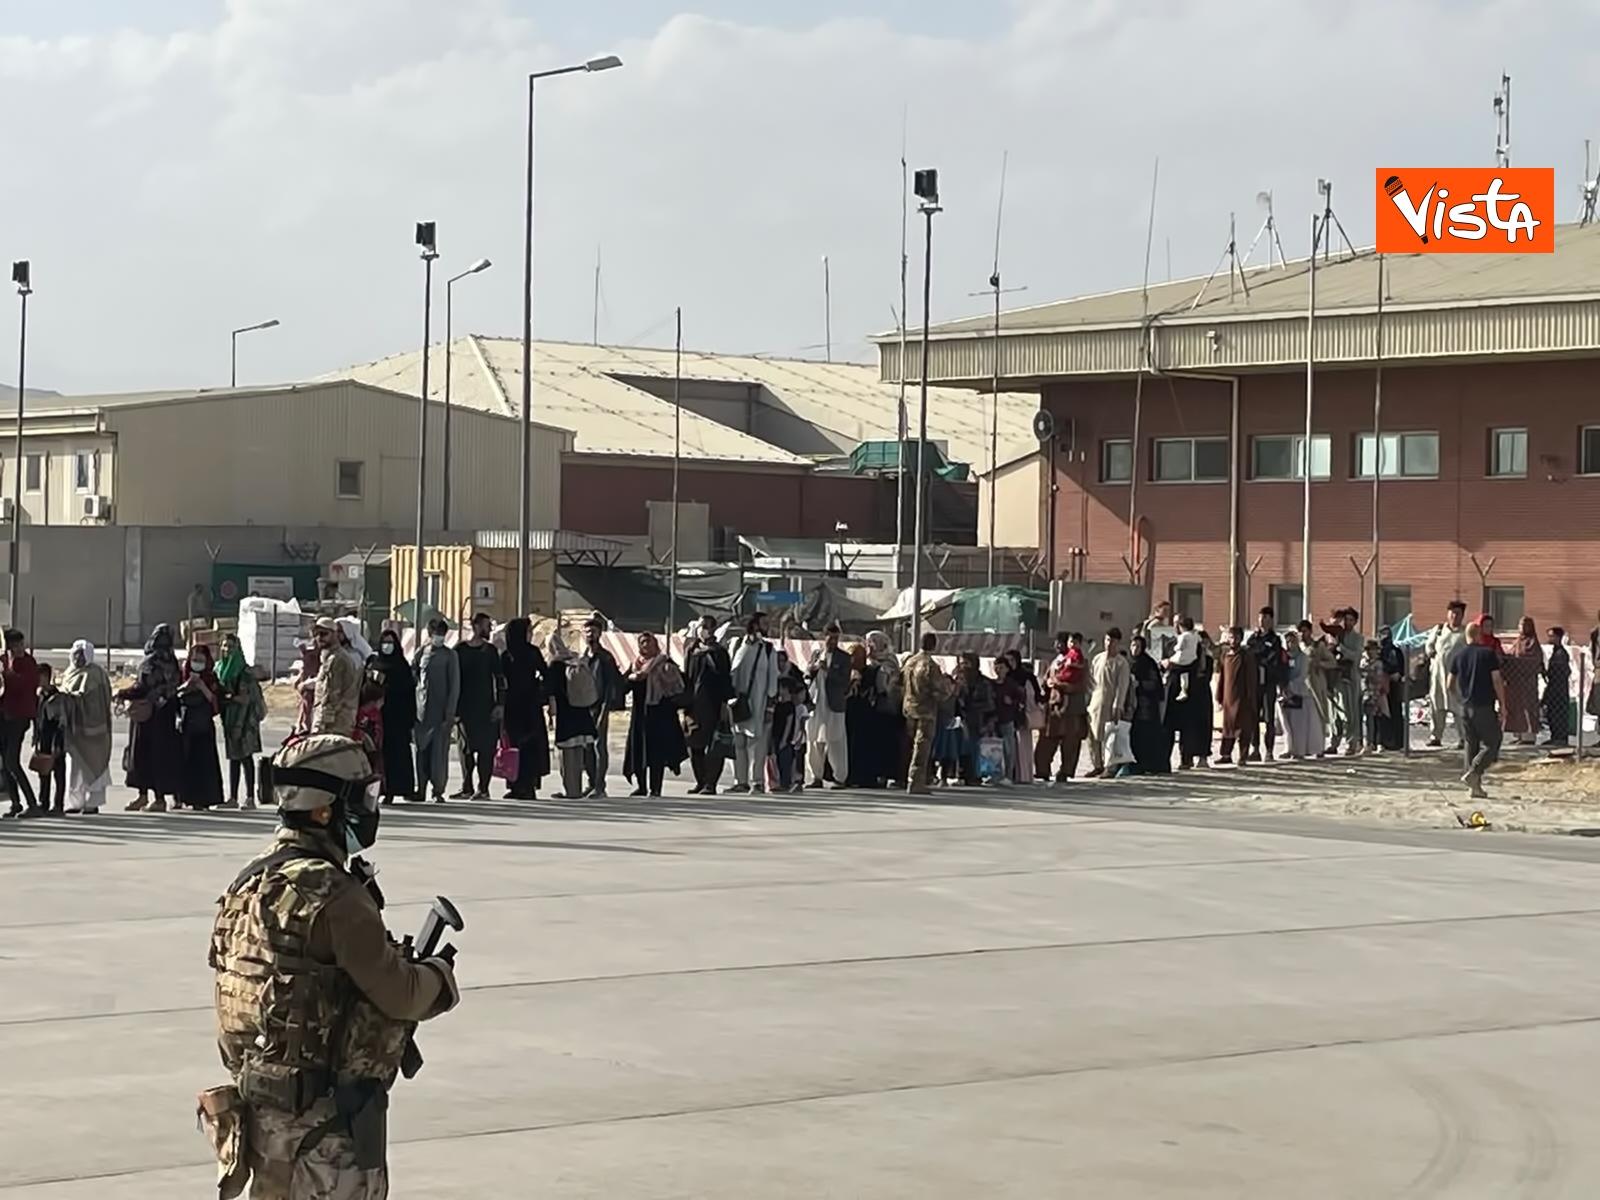 27-08-21 Finisce il ponte aereo Roma Kabul,_04. la chiusura del portellone